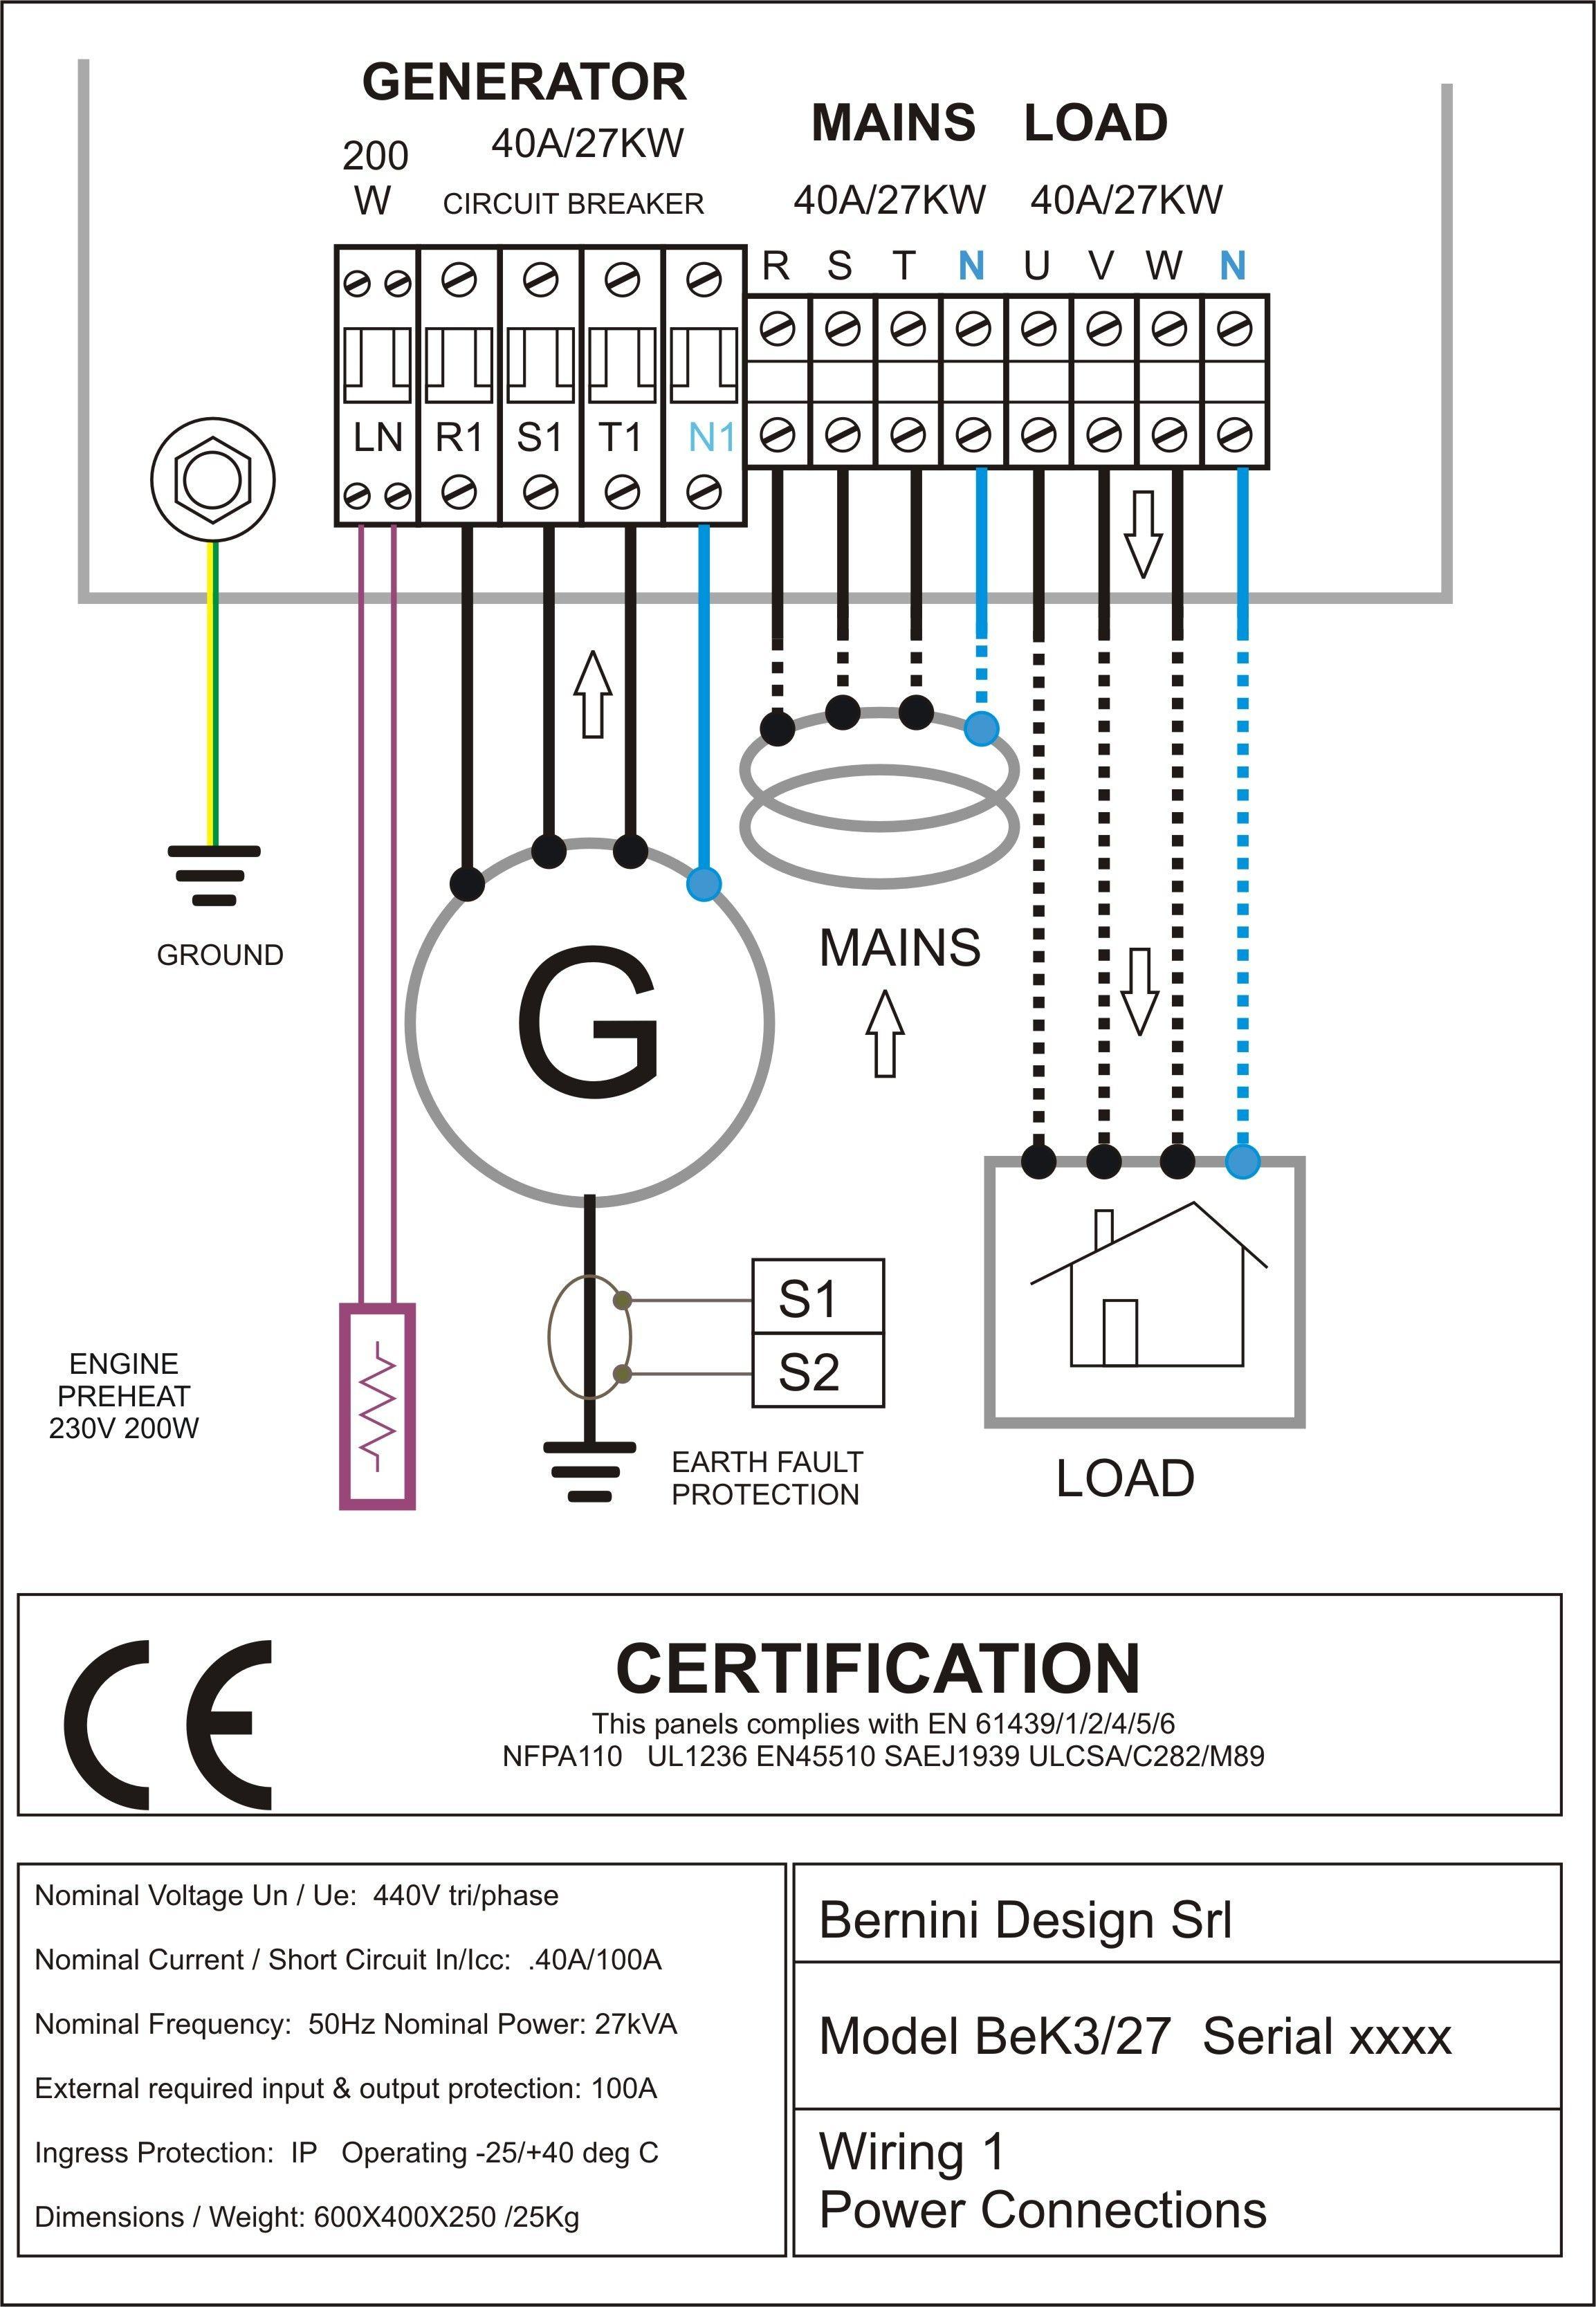 medium resolution of new wiring diagram load meaning diagram diagramsample diagramtemplate